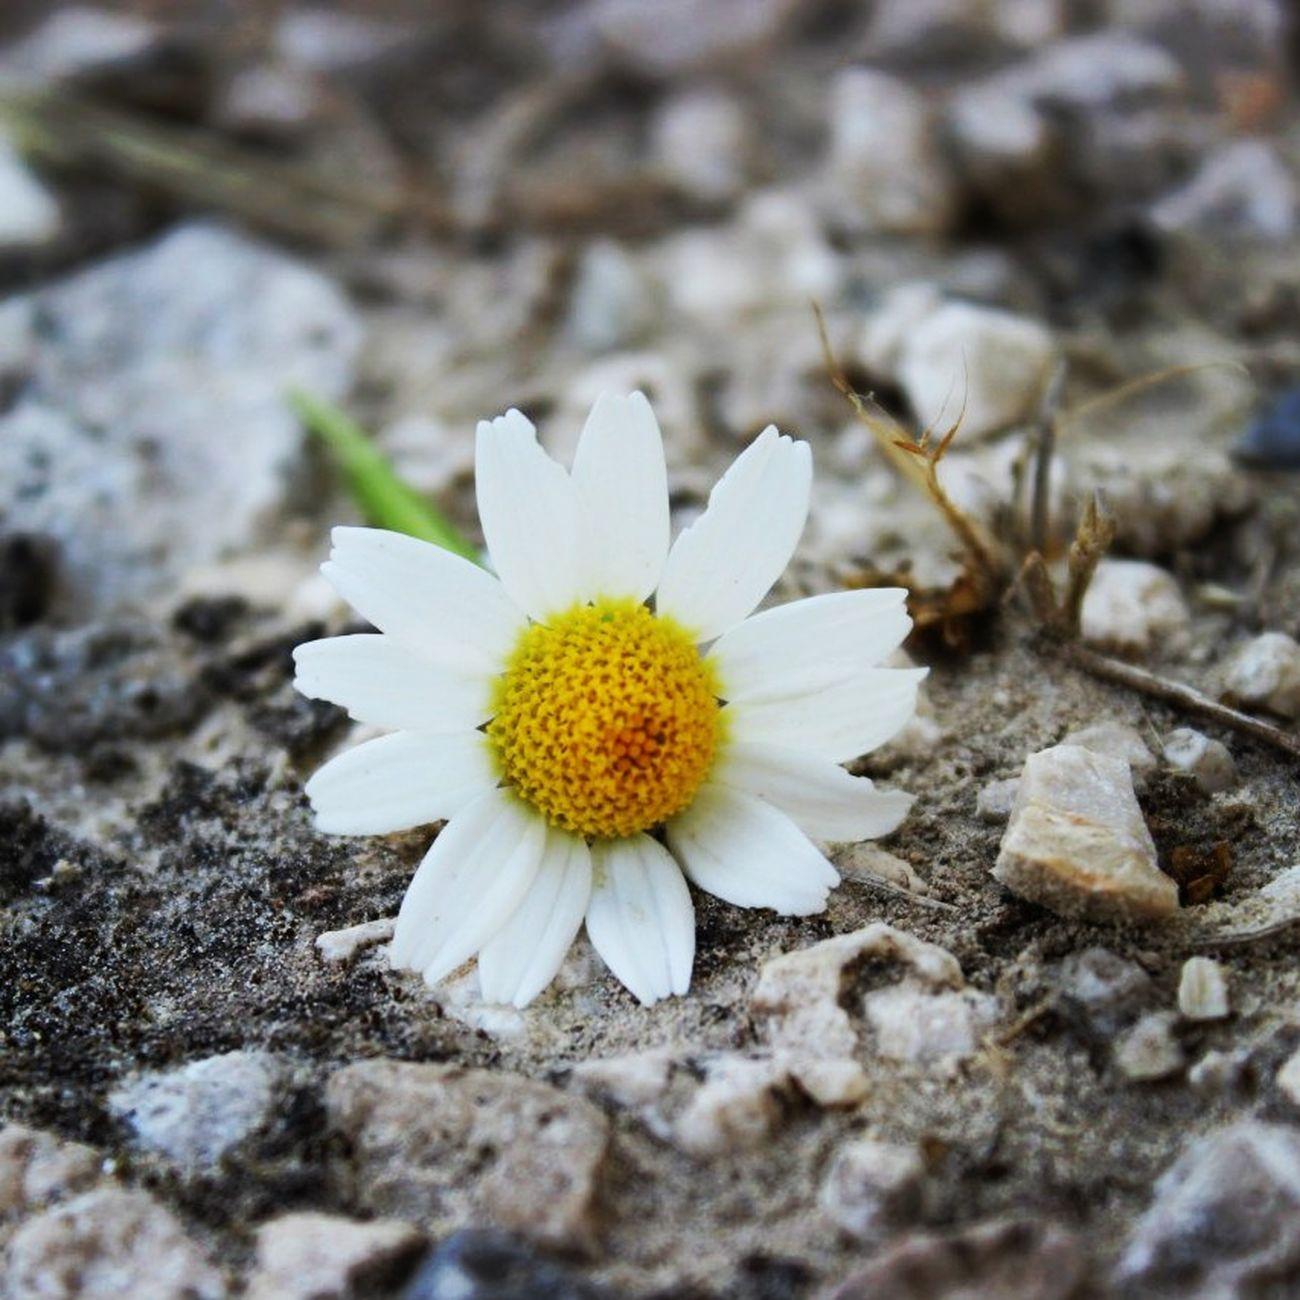 Flower Palombara Sabina